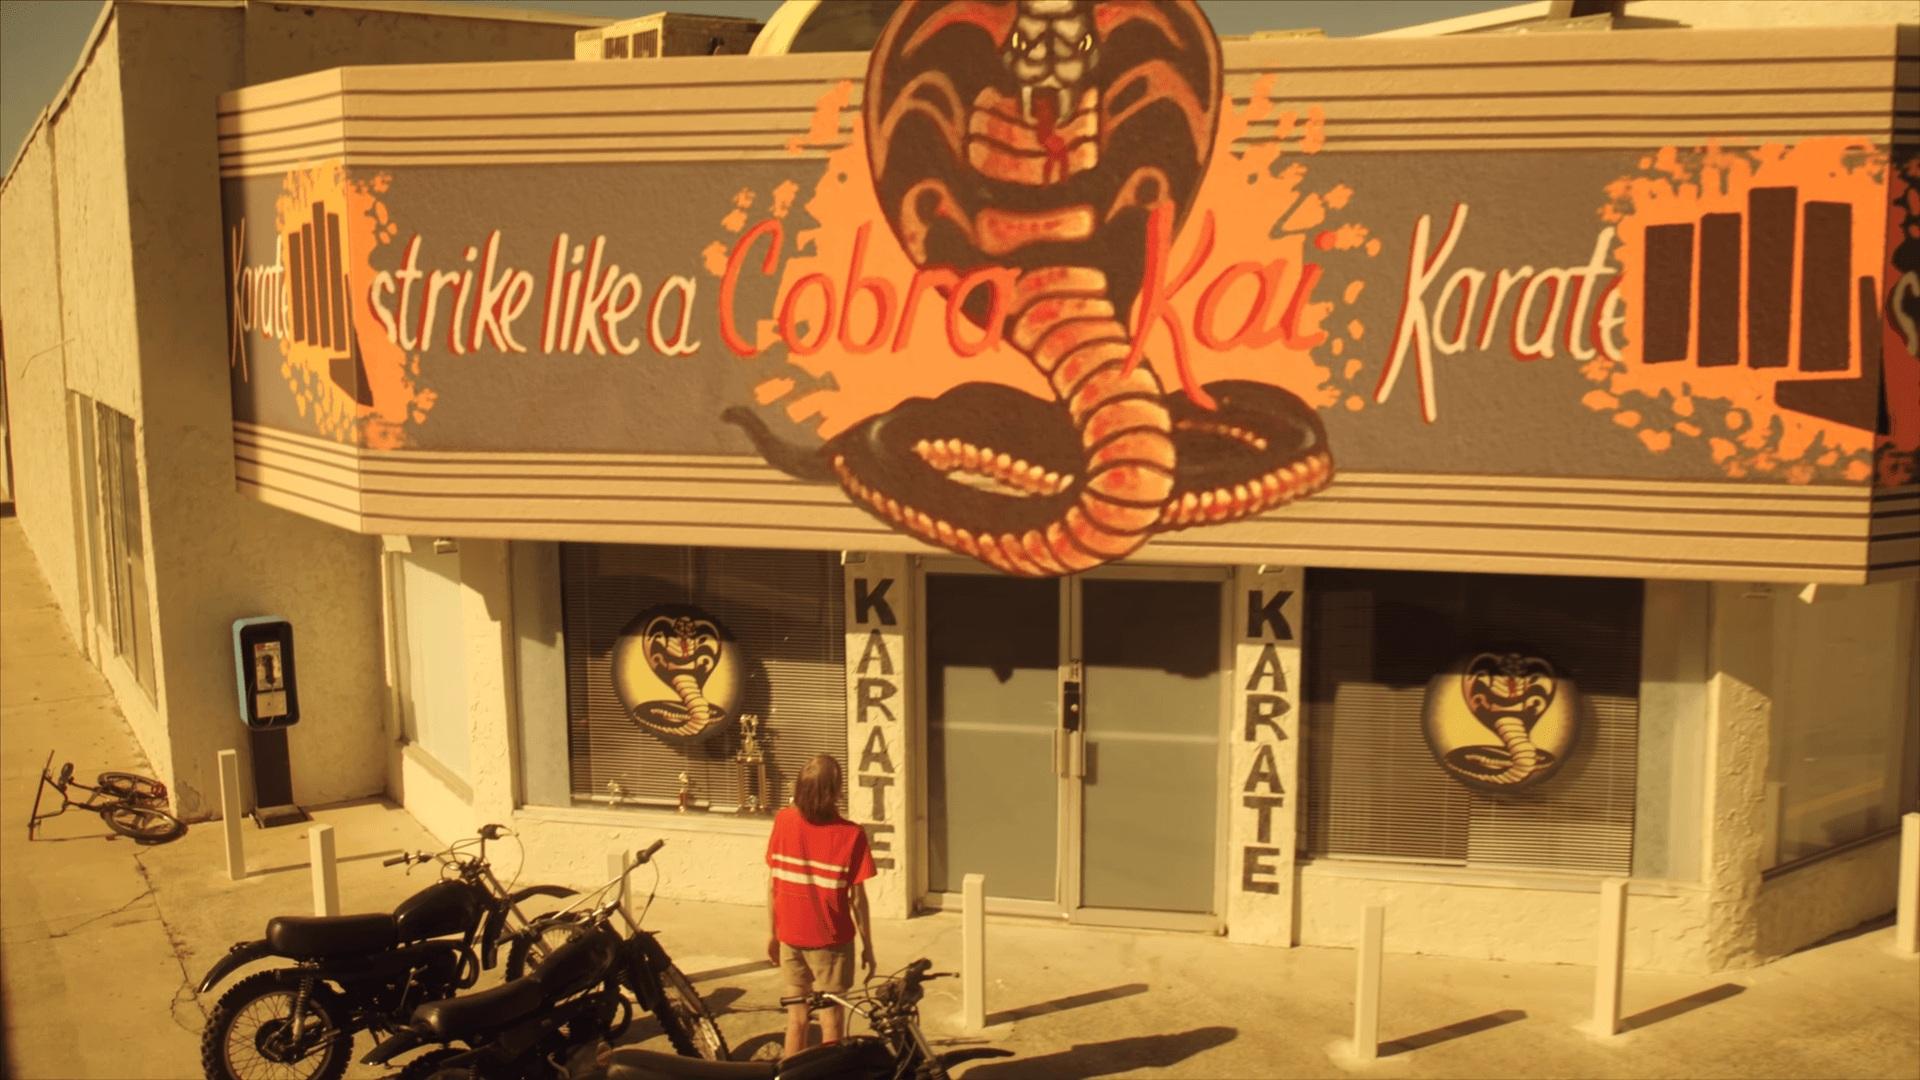 cobra kai wallpaper miguel